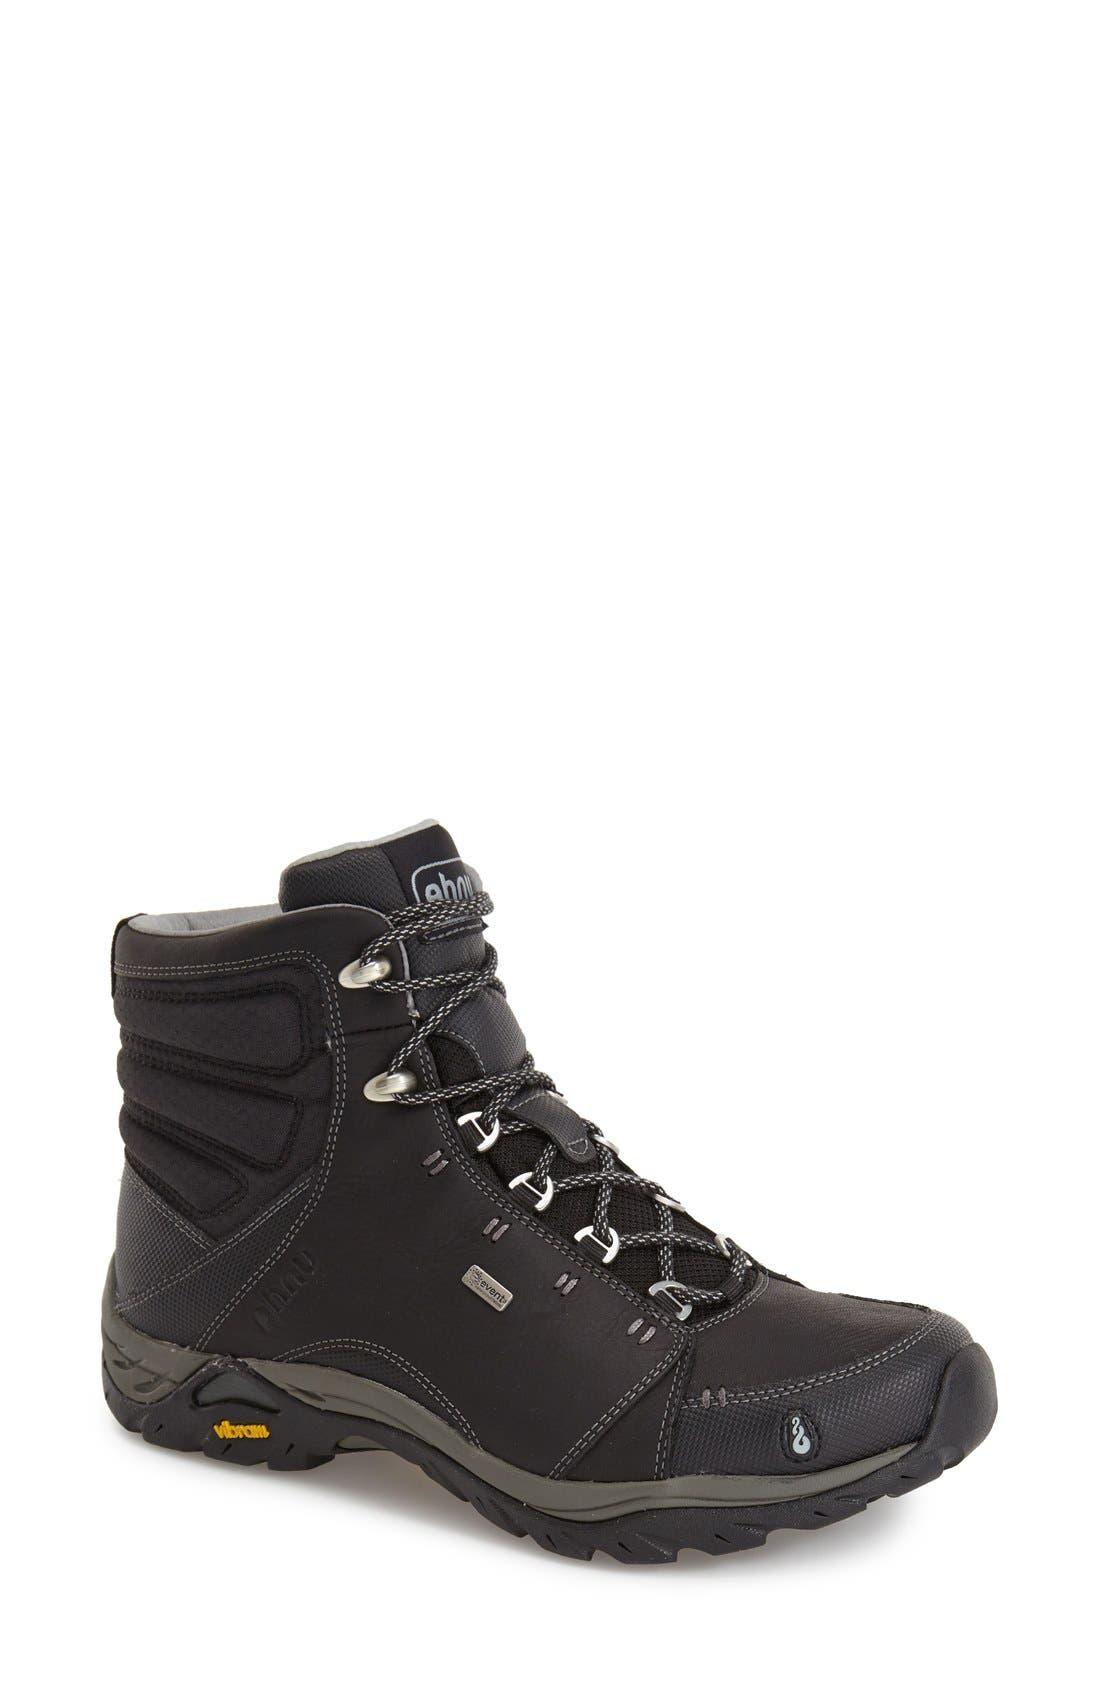 Alternate Image 1 Selected - Ahnu 'Montara' Boot